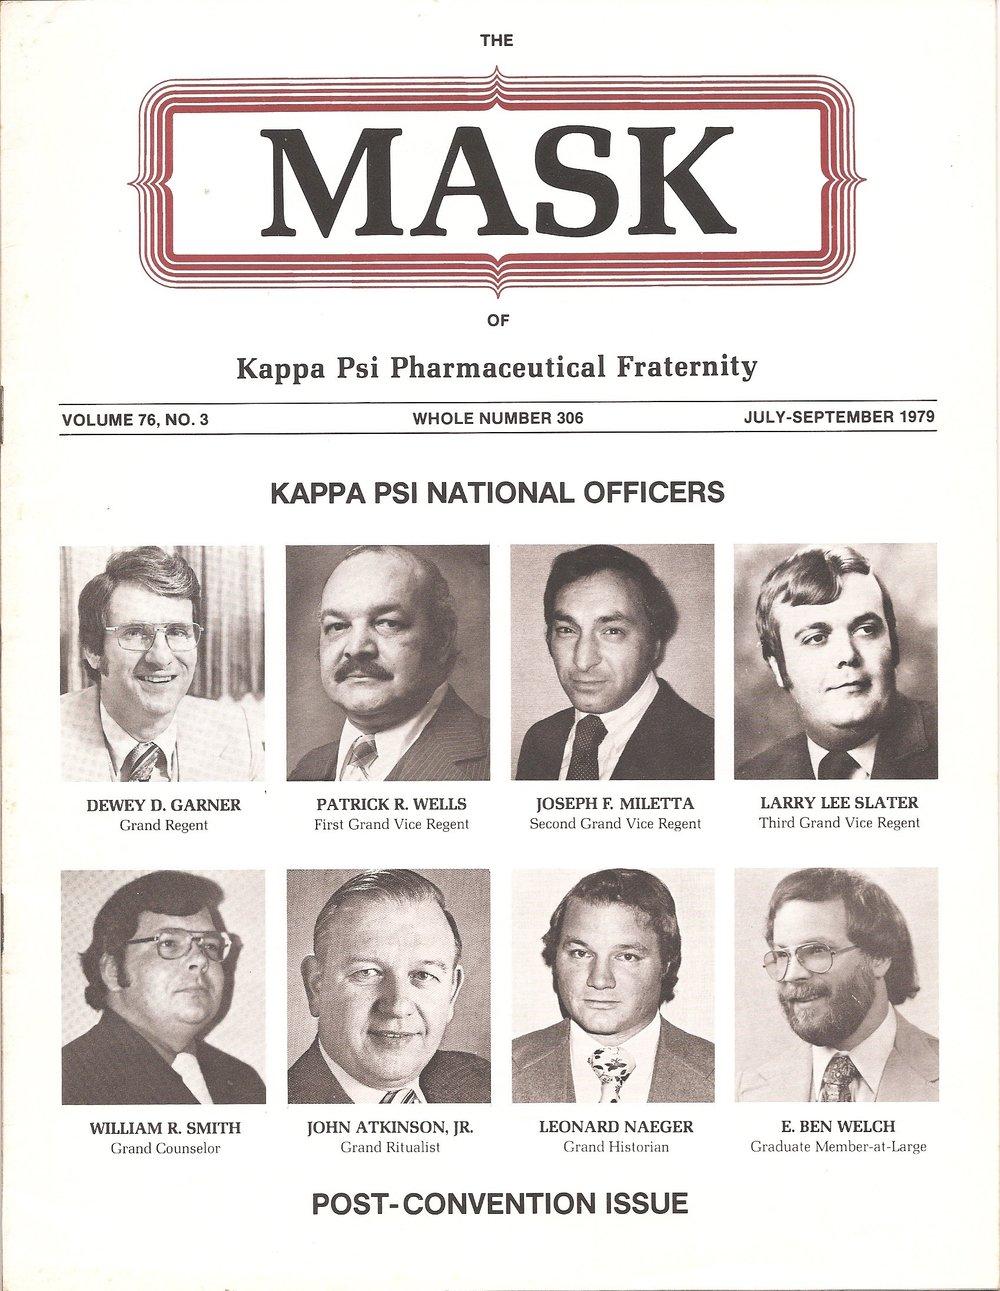 mask_cover_06_1979.jpg